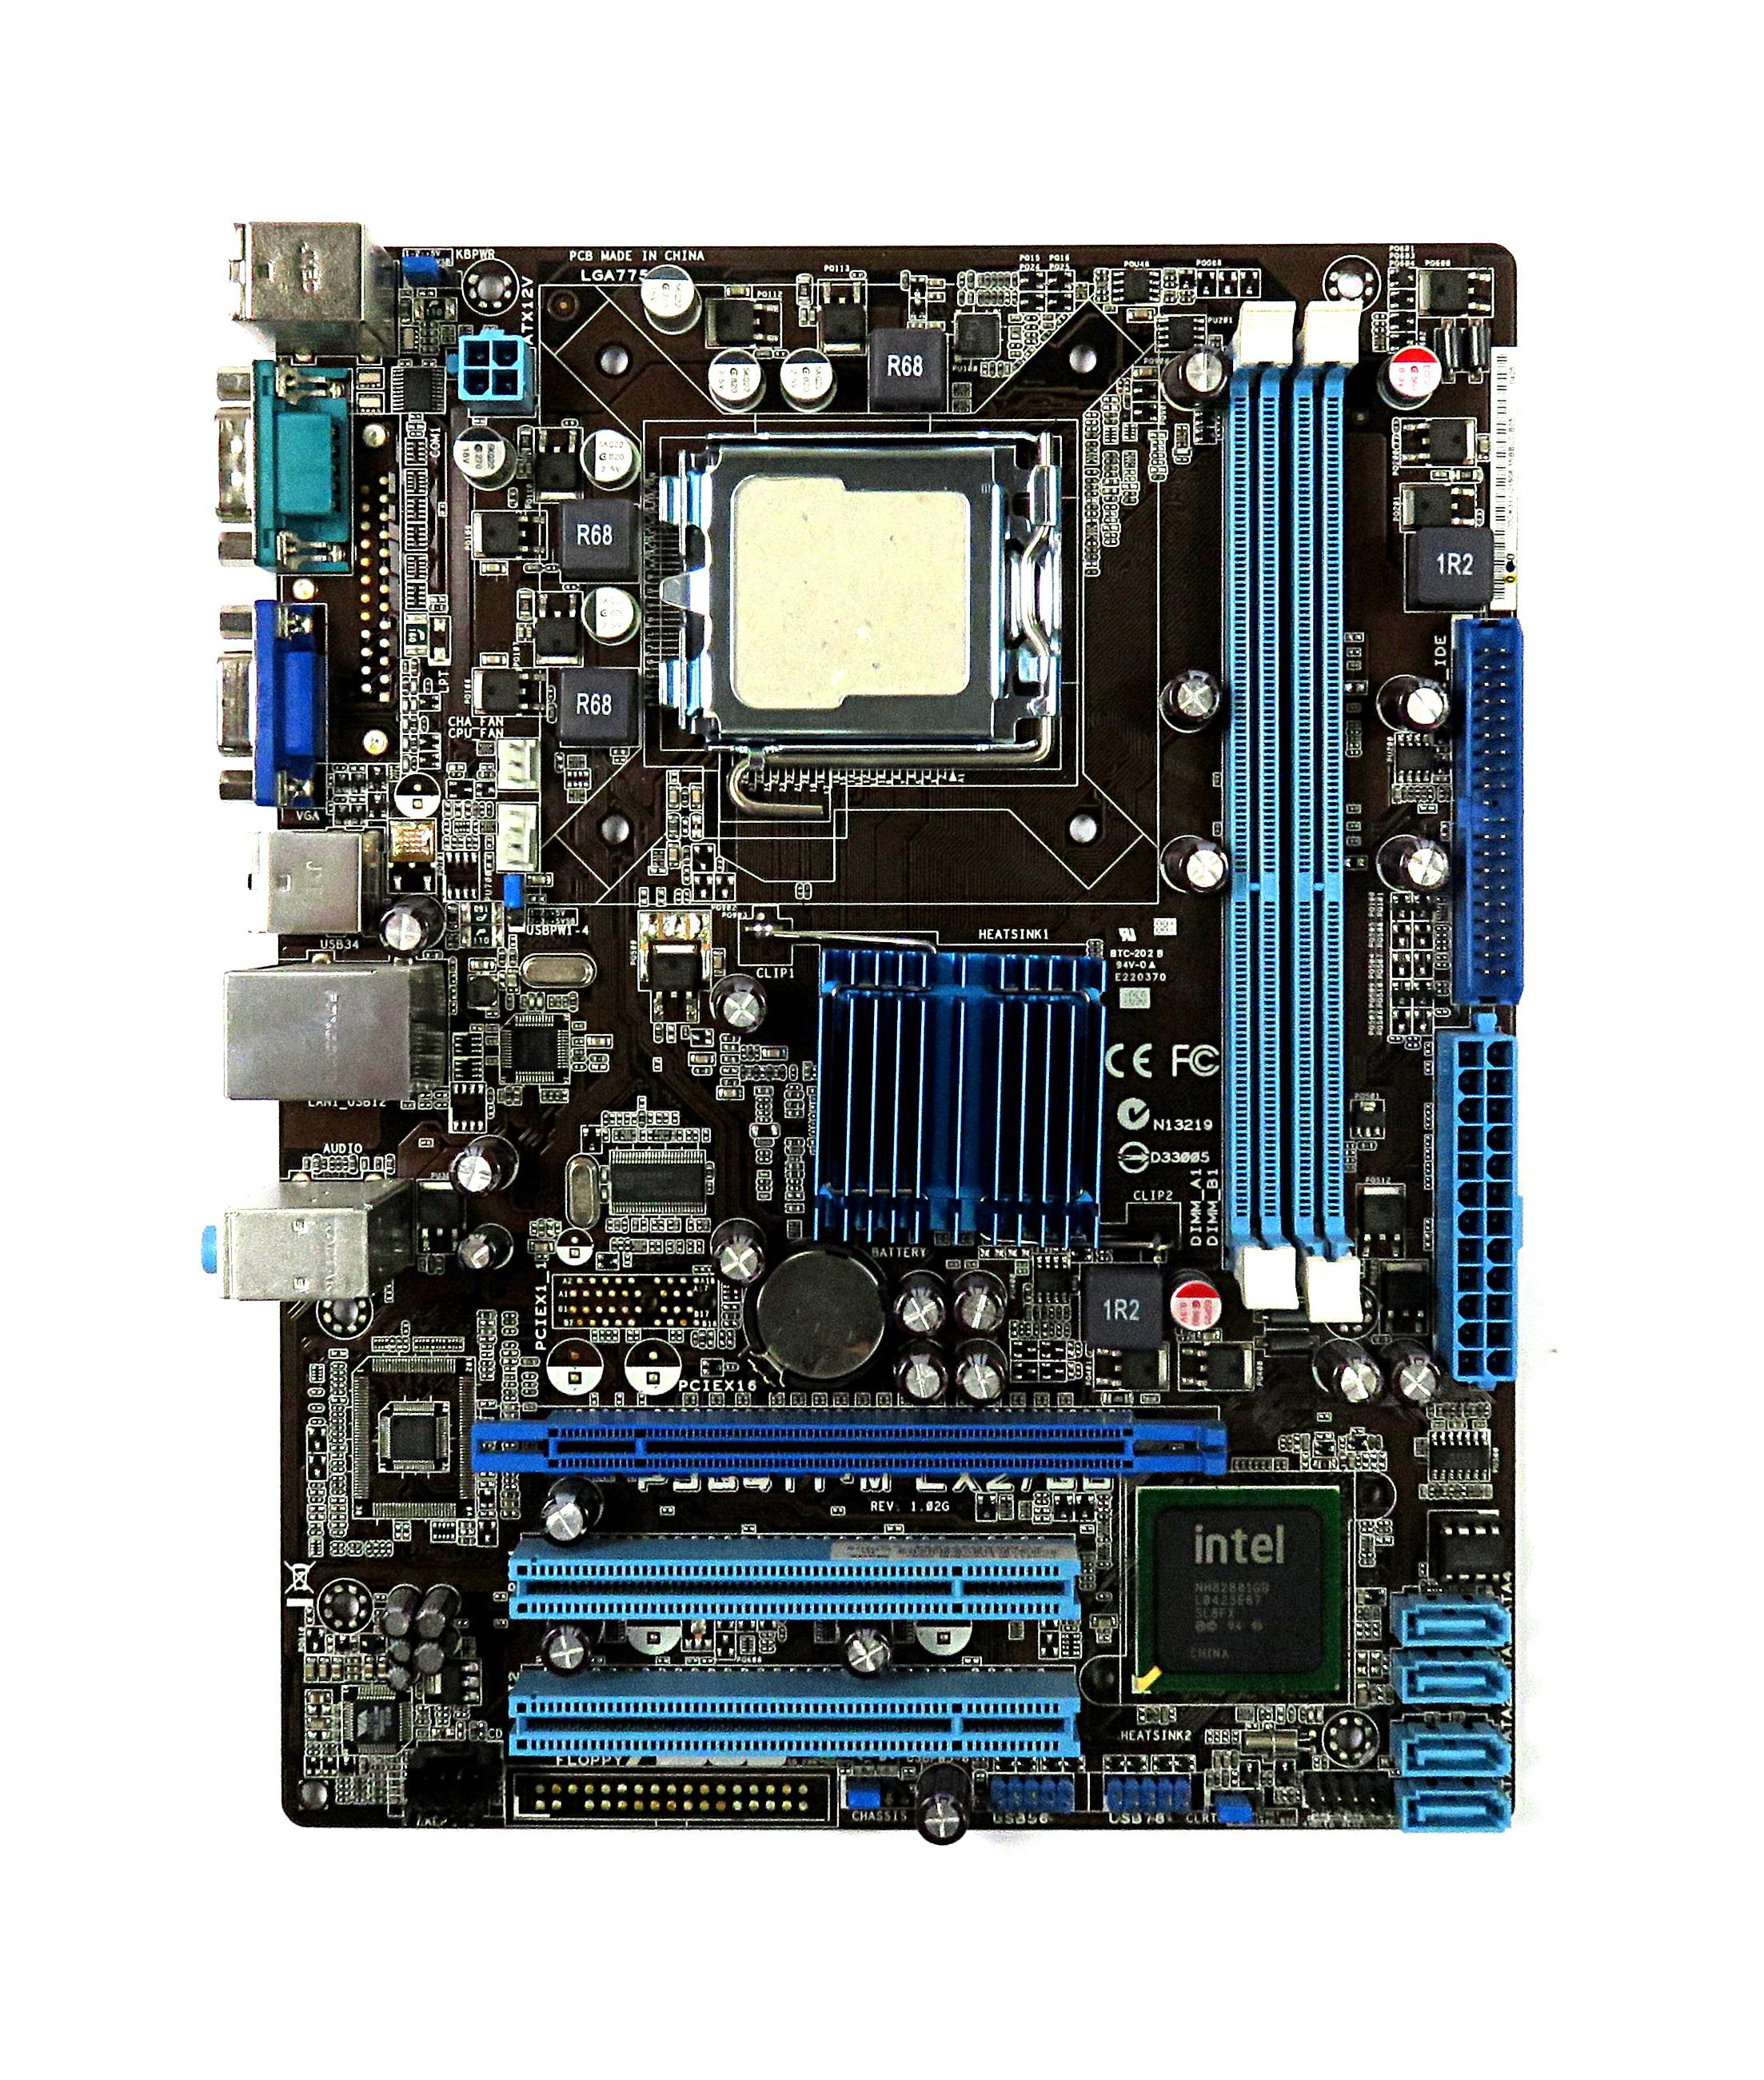 Asus P5G41T-M LX2/GB Intel Socket LGA775 mATX Motherboard